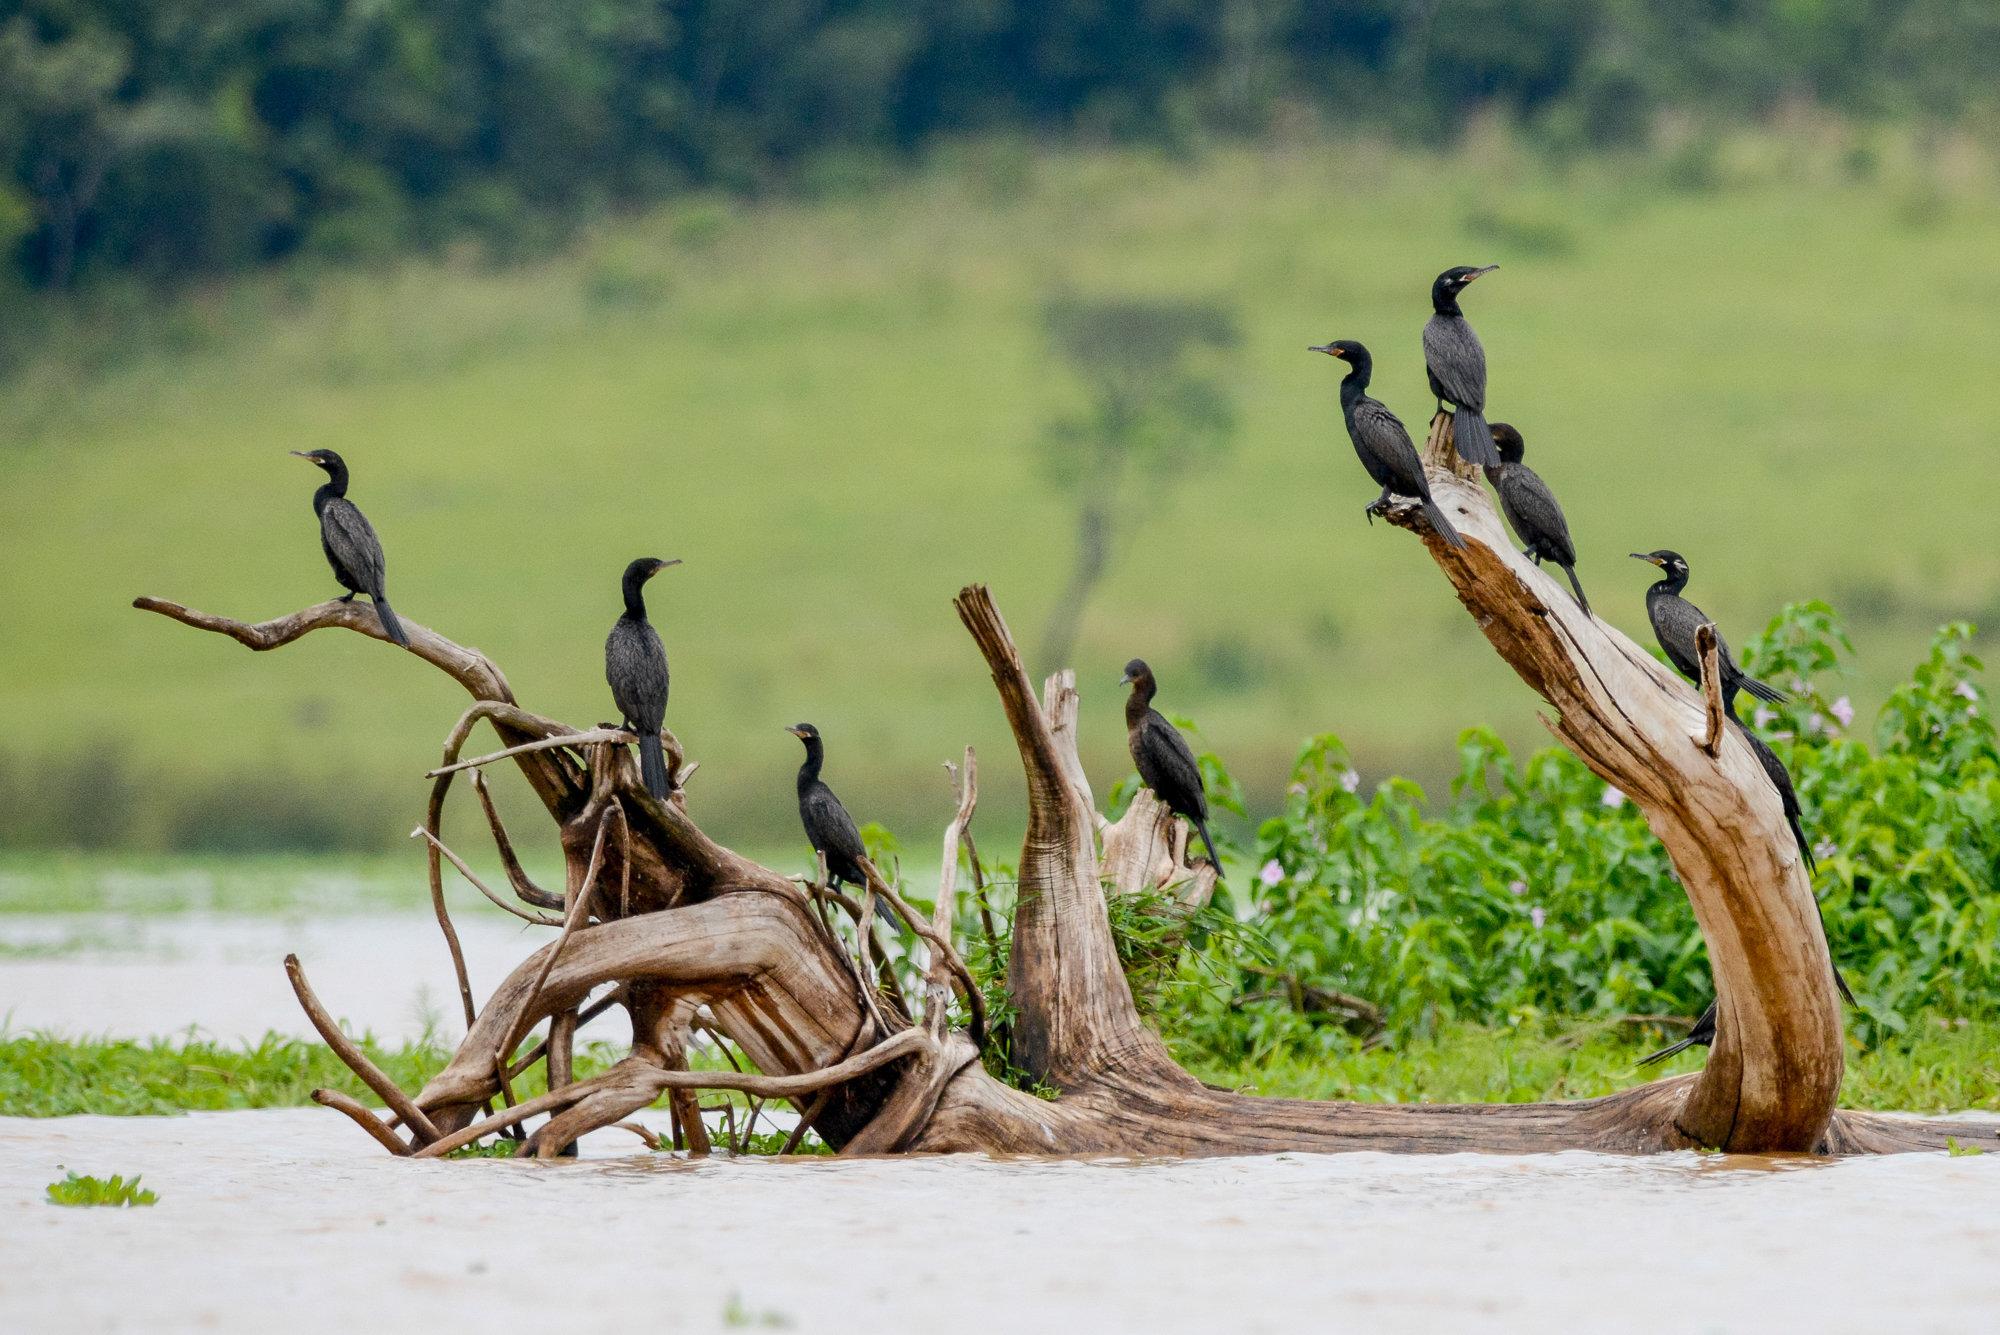 Biguá | Phalacrocorax brasilianus